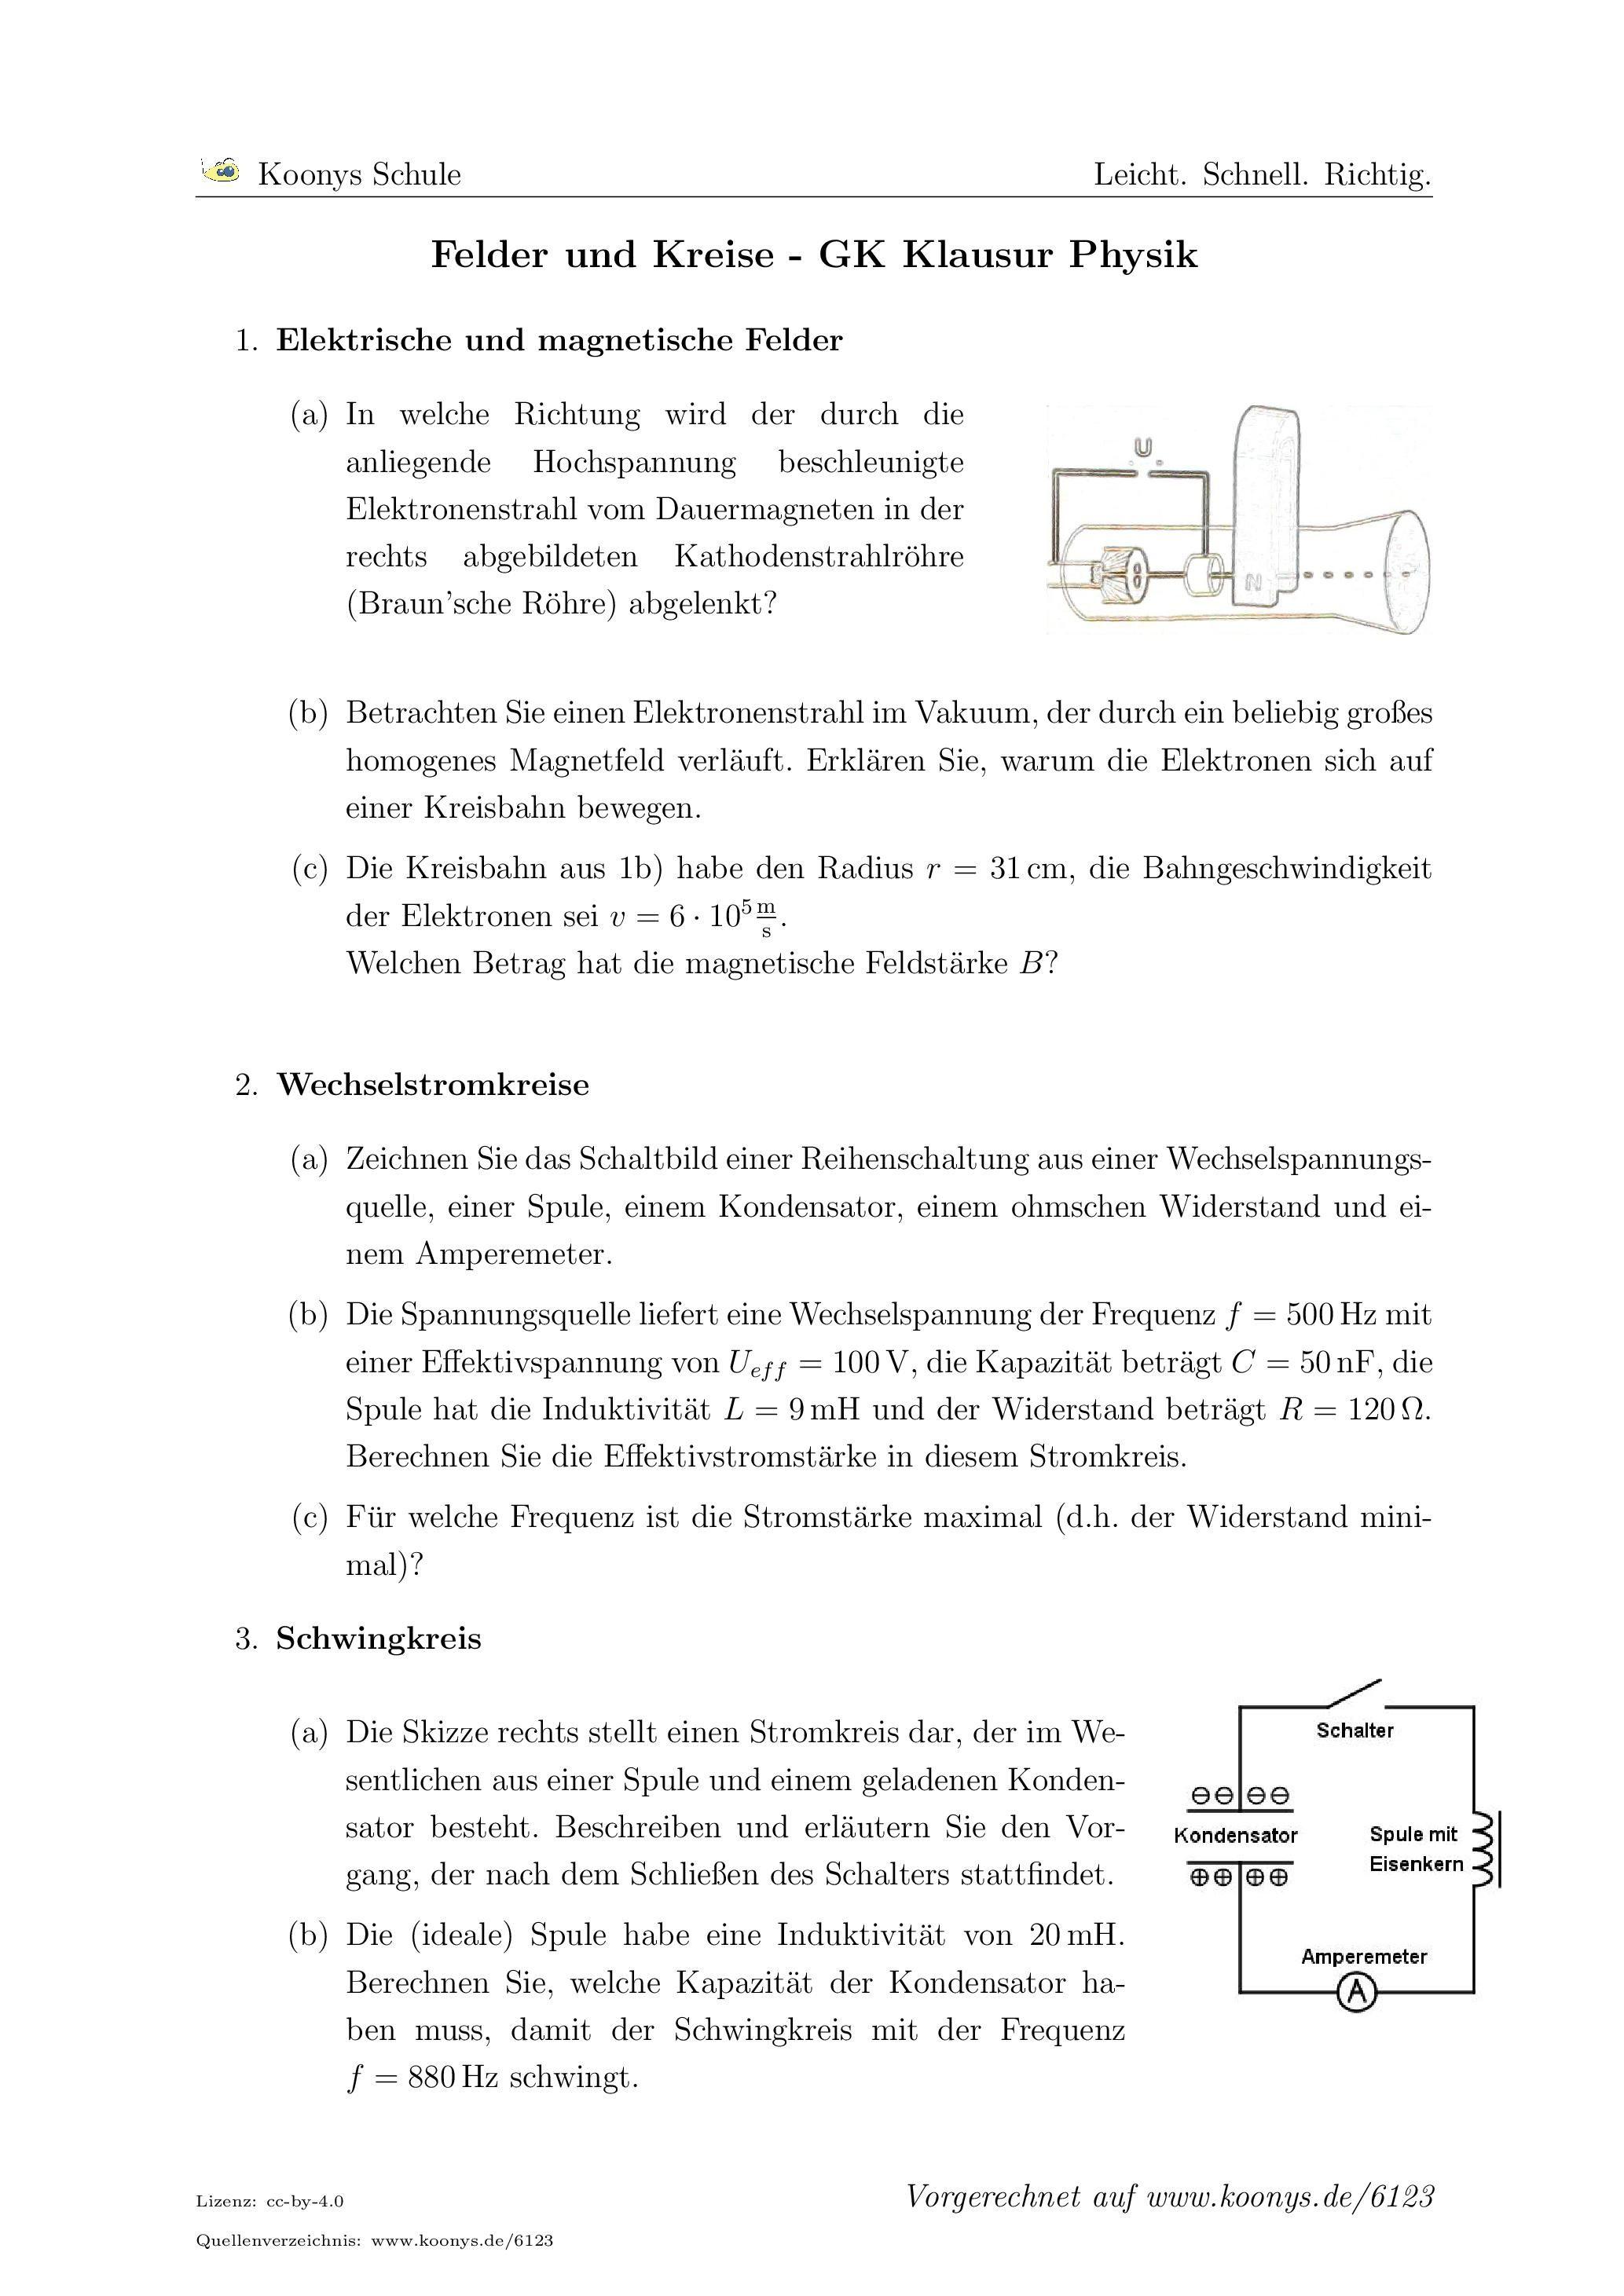 Felder und Kreise - GK Klausur Physik. Alle Aufgaben auf www.koonys ...